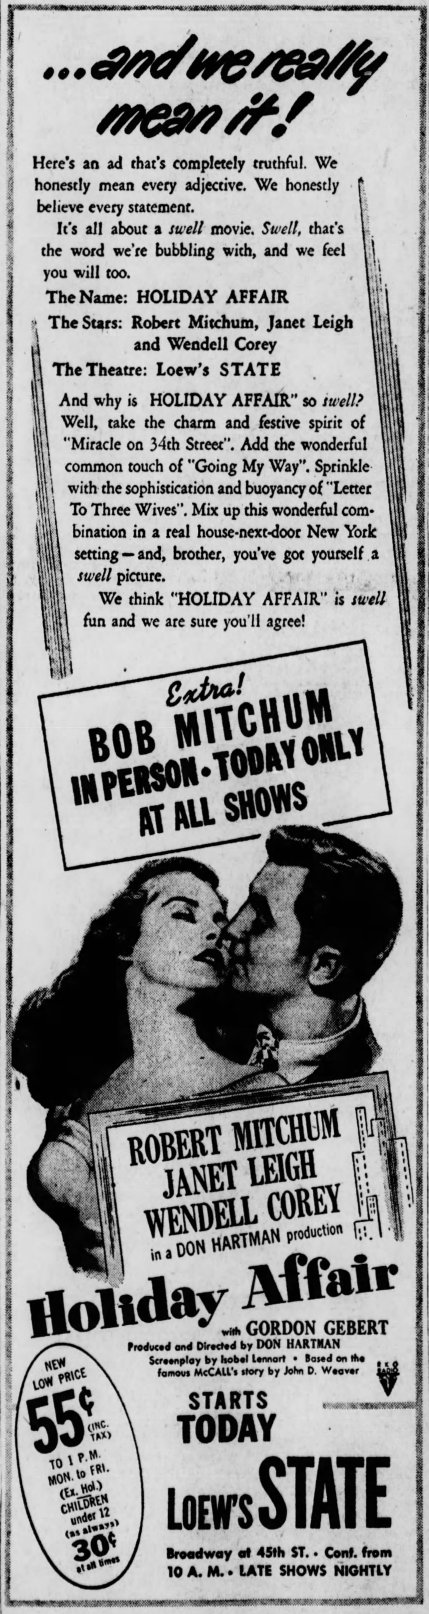 The_Brooklyn_Daily_Eagle_Wed__Nov_23__1949_